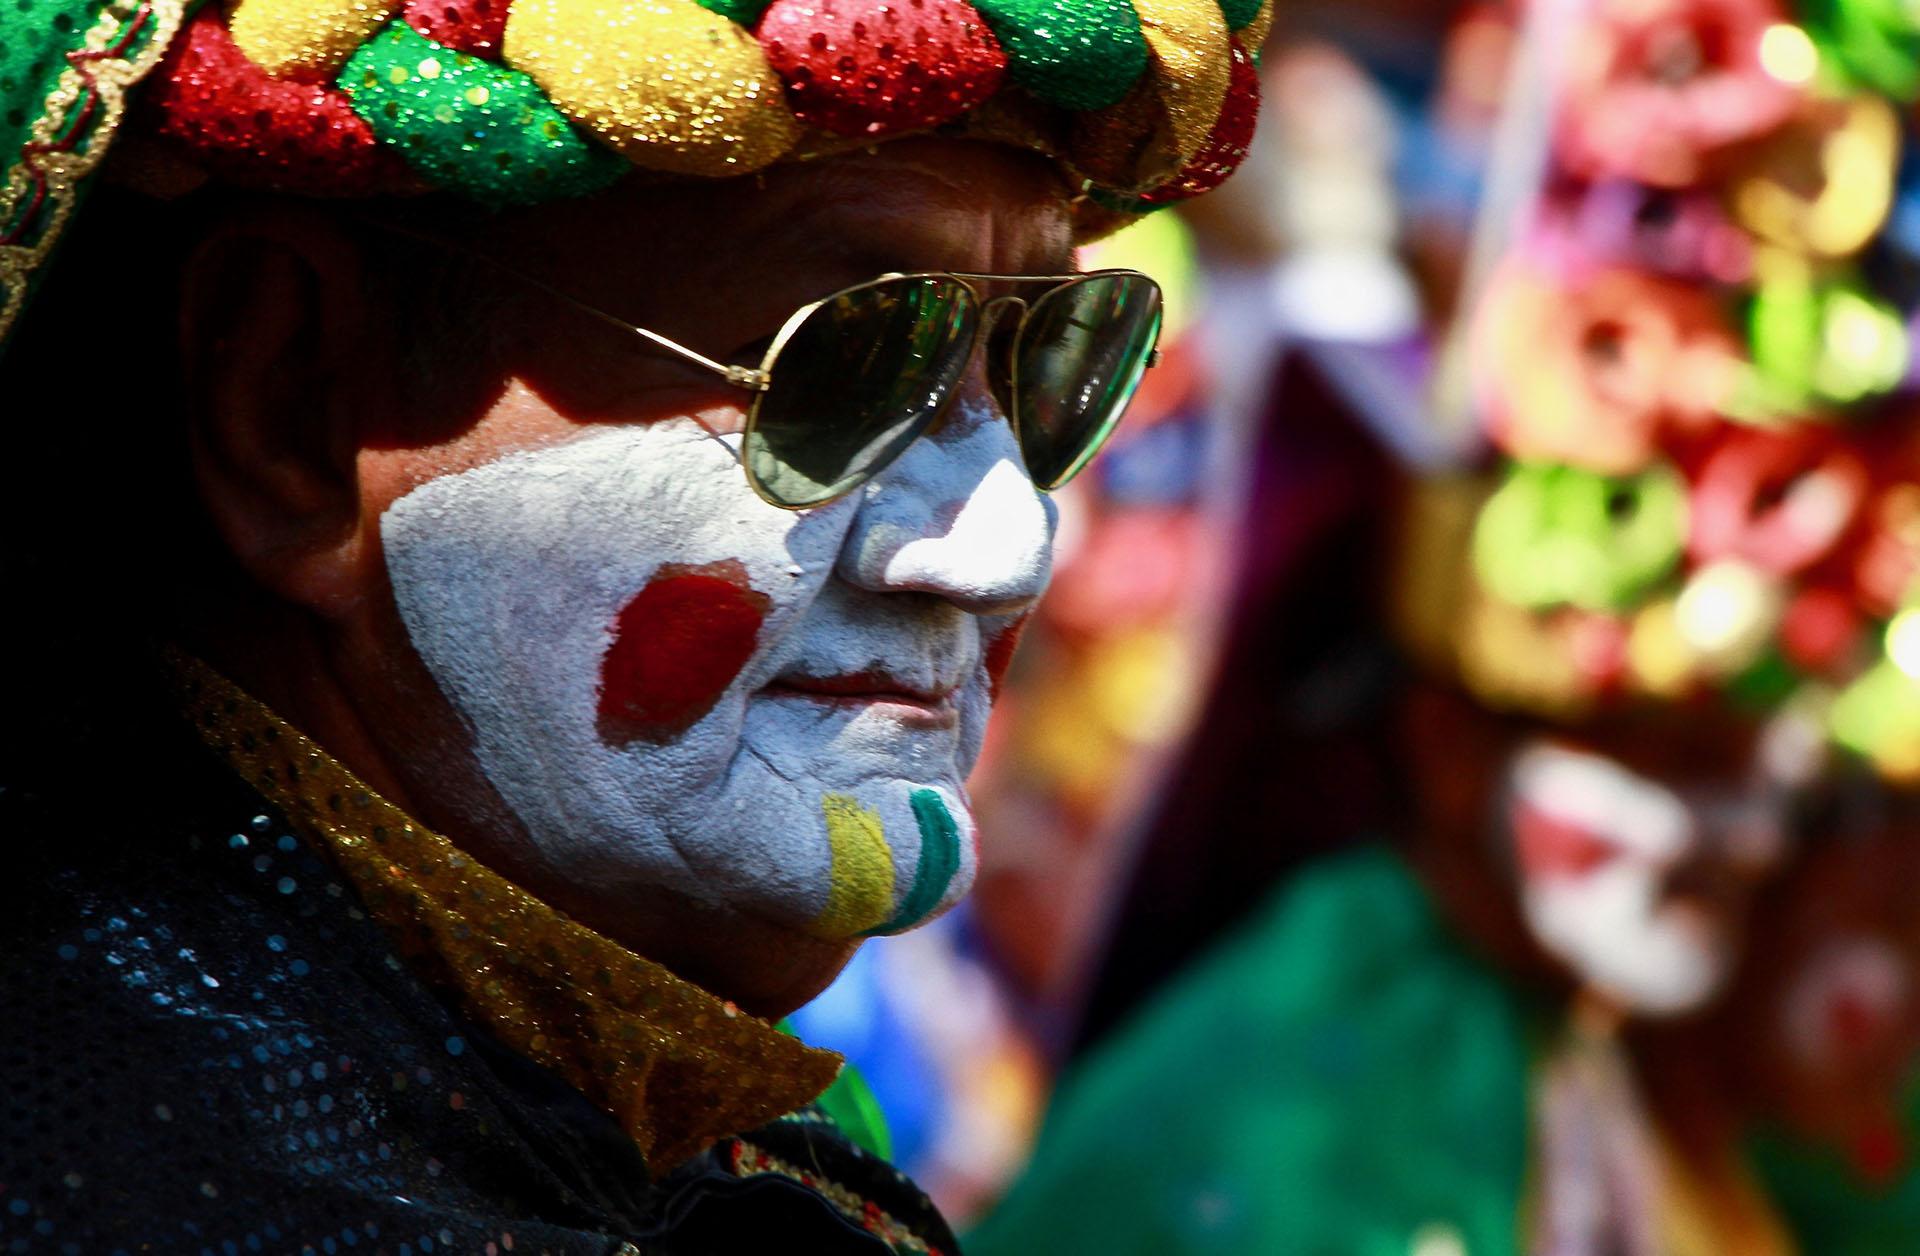 La danza del Congo es otra de las manifestaciones insignes del Carnaval